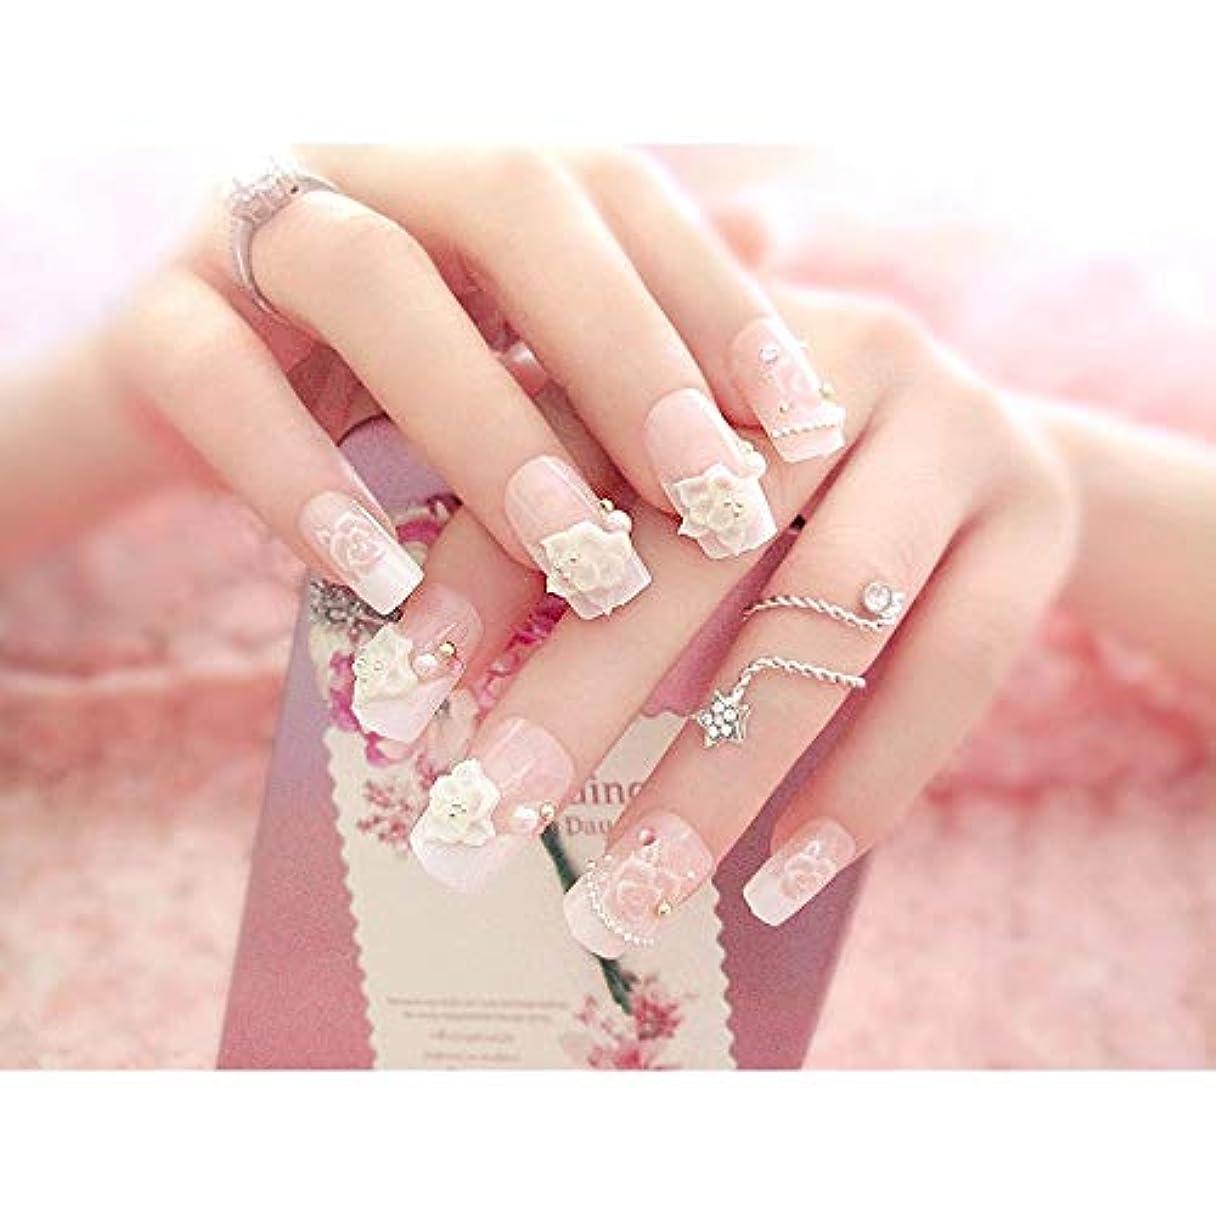 ヶ月目慢呼吸YESONEEP ホワイト+ピンクは、偽の釘24ピース箱入りフェイクネイルパール花の花嫁ネイルステッカーを完成しました (色 : 24 pieces)